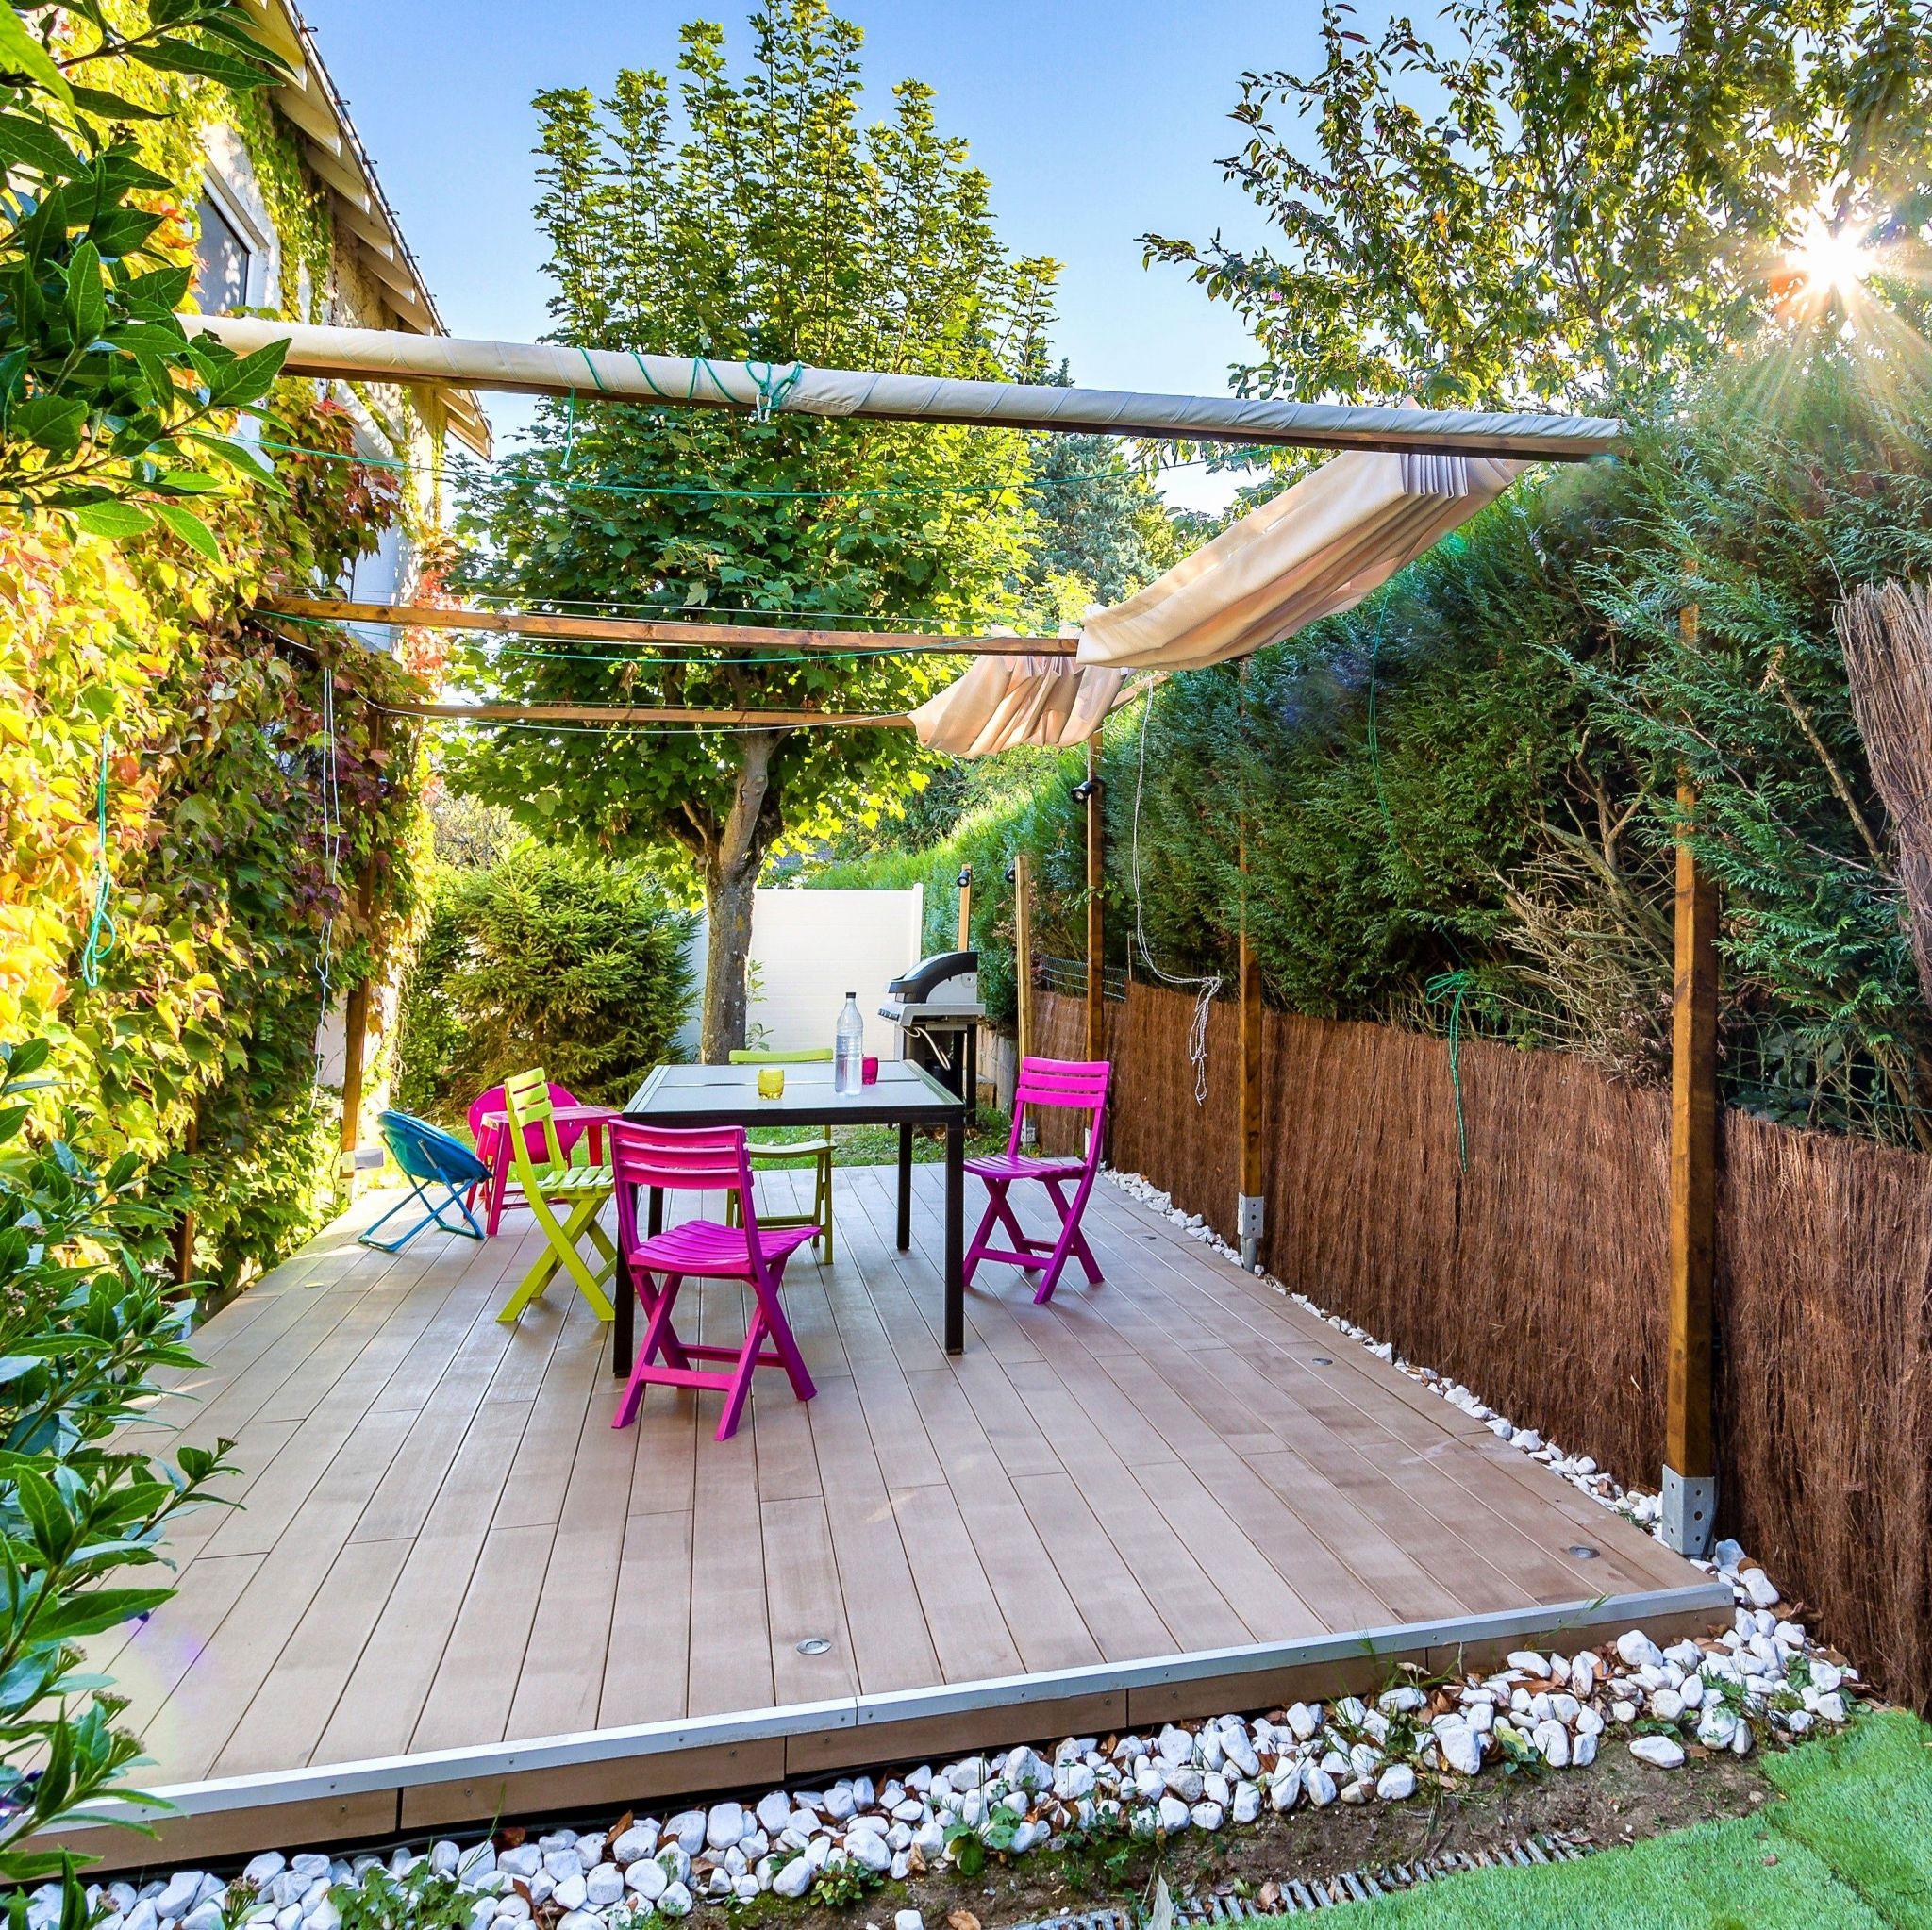 deco jardin bassin ainsi que decoration jardin terrasse beau deco jardin exotique inspirant de deco jardin bassin